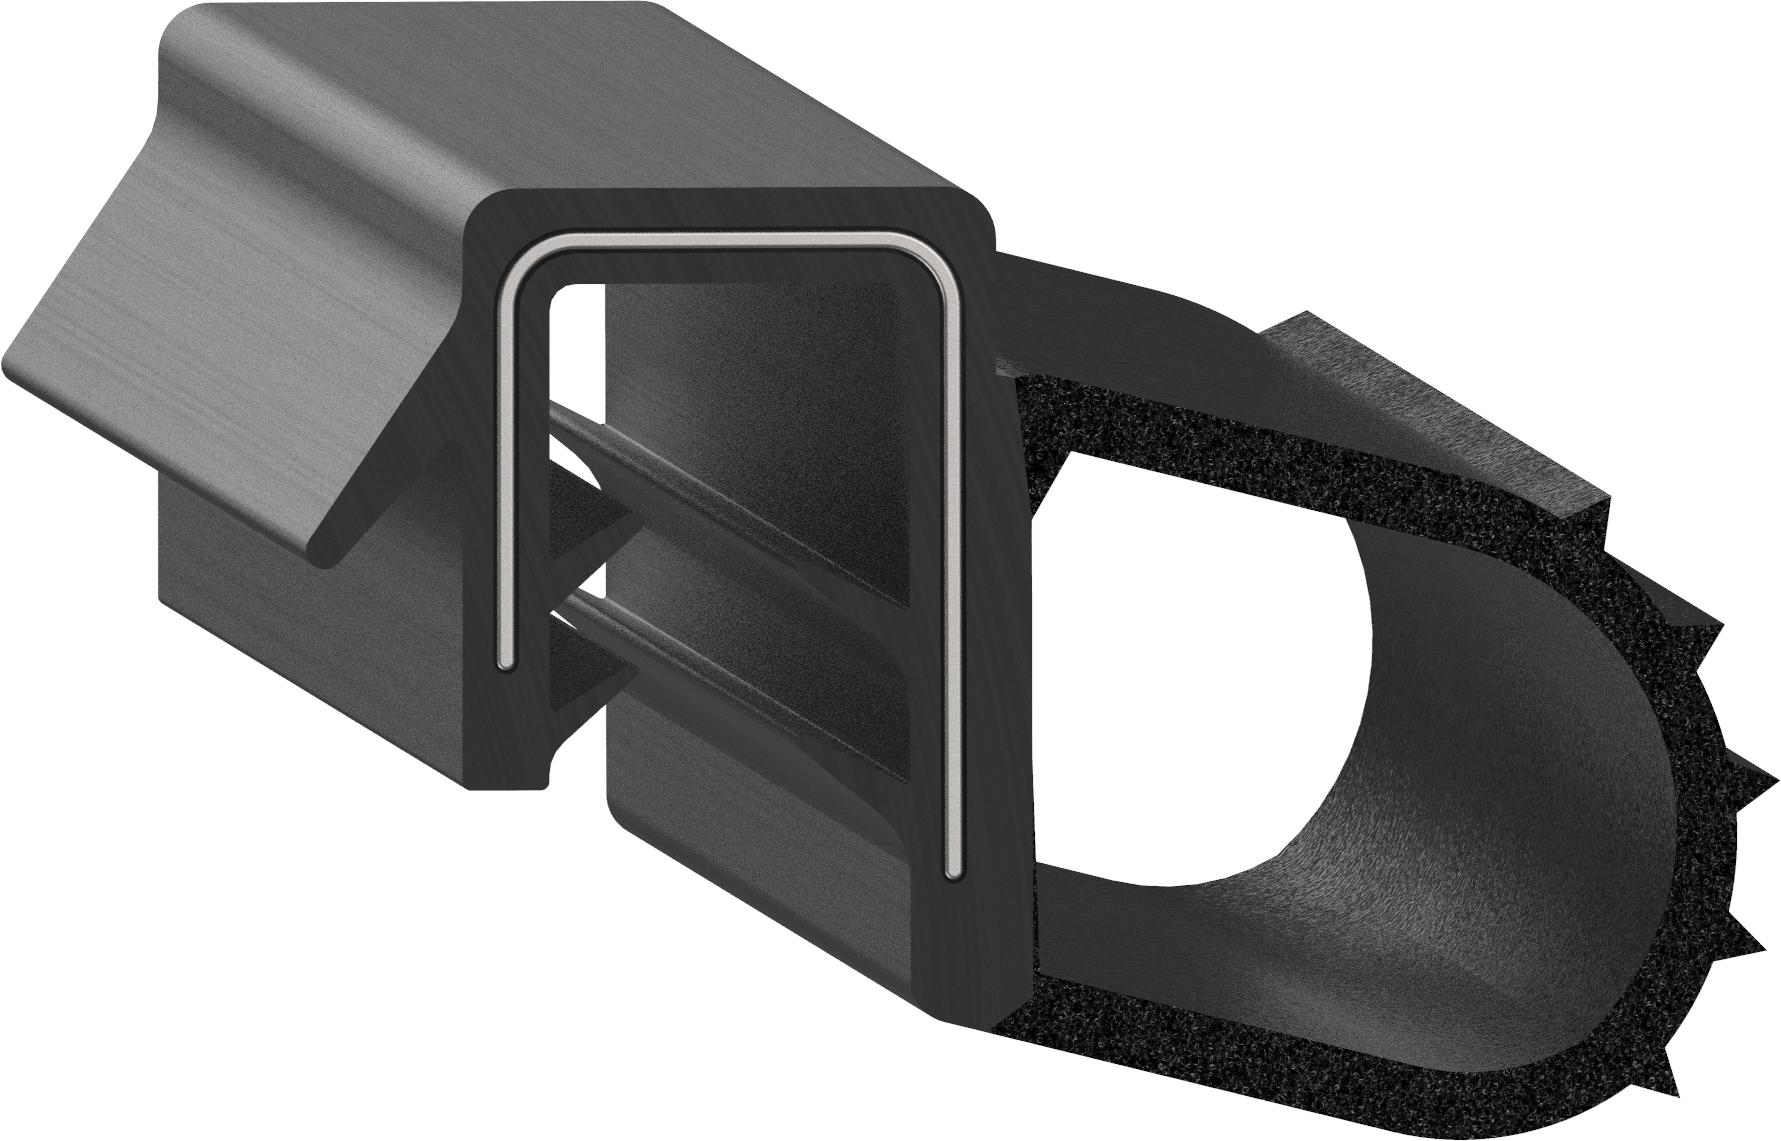 Uni-Grip part: SD-12678